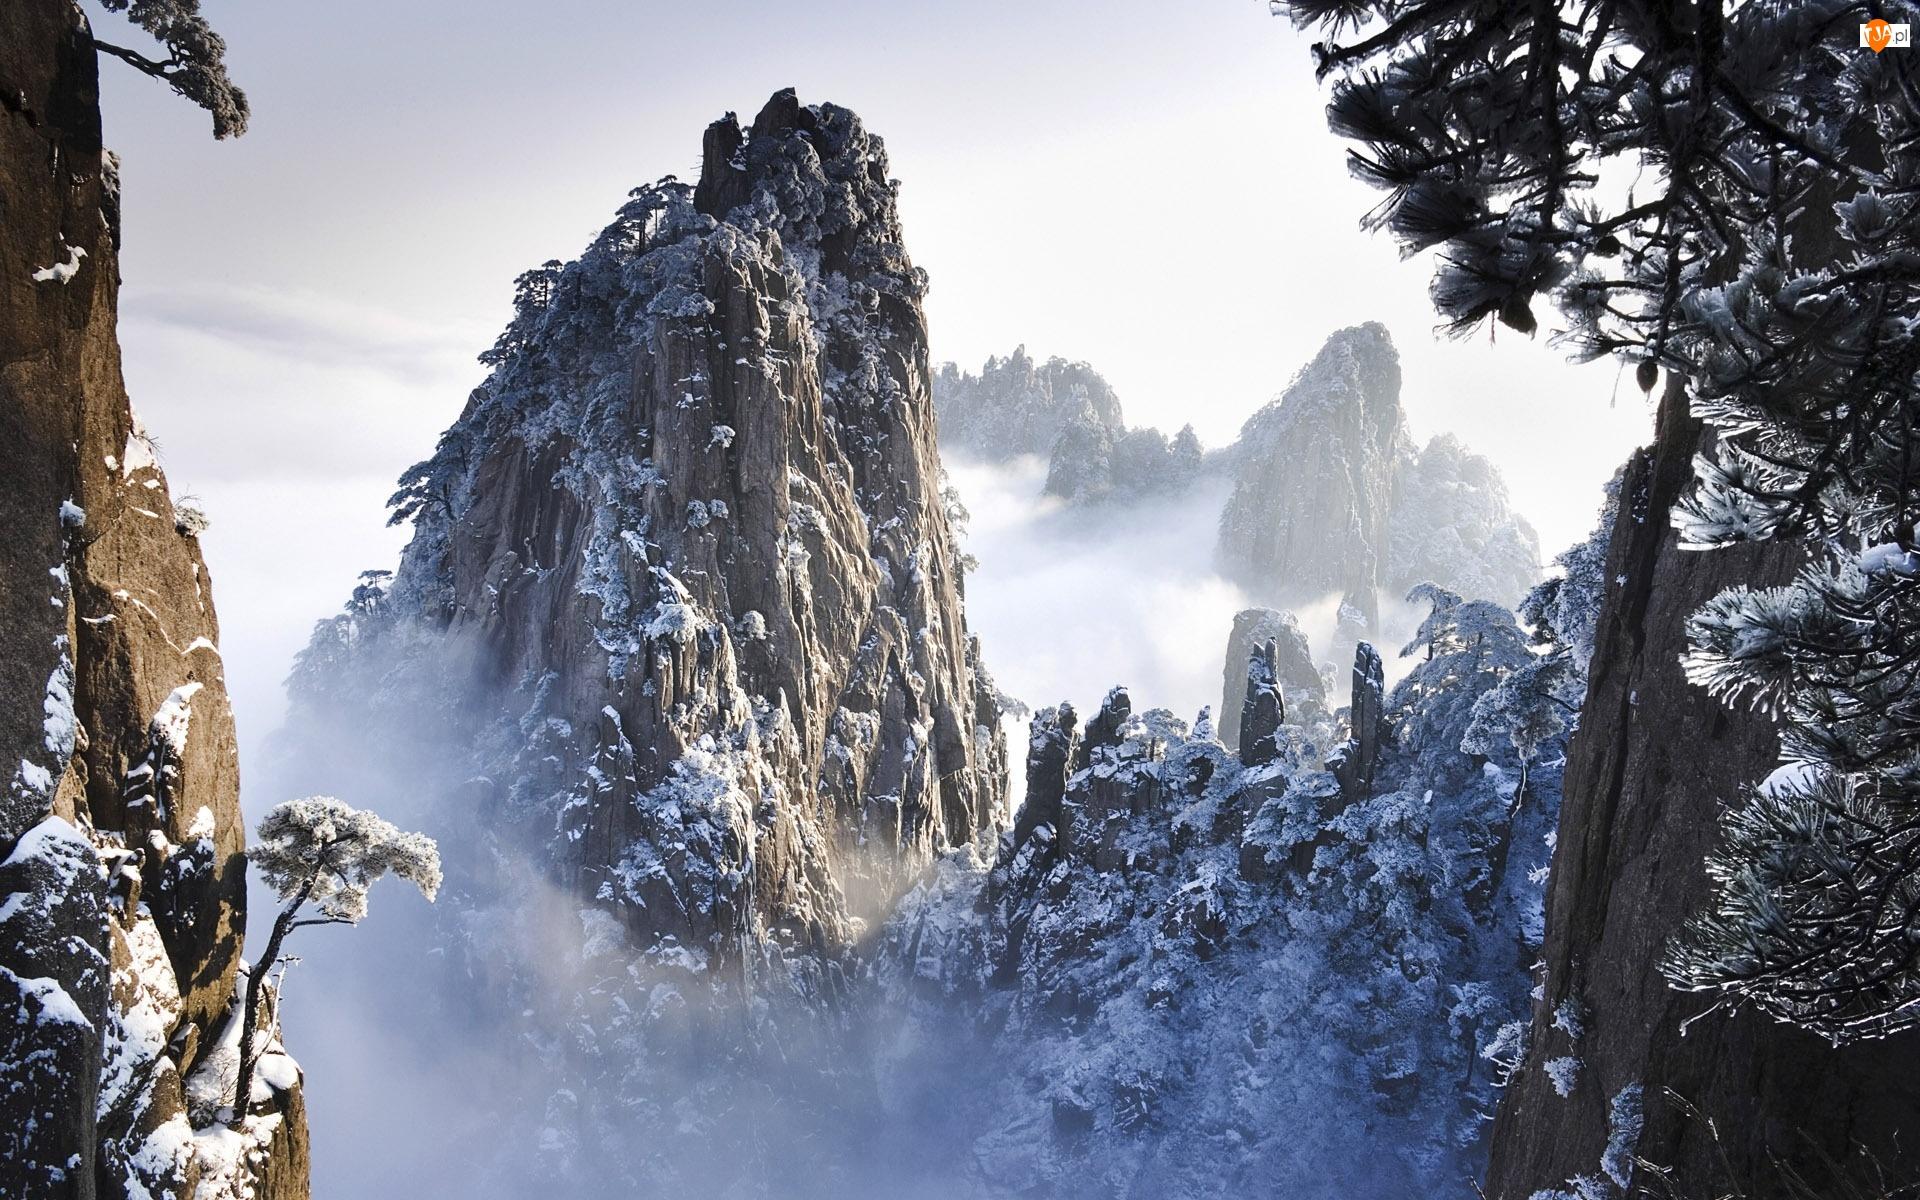 Góry, Mgła, Skaliste, Drzewa